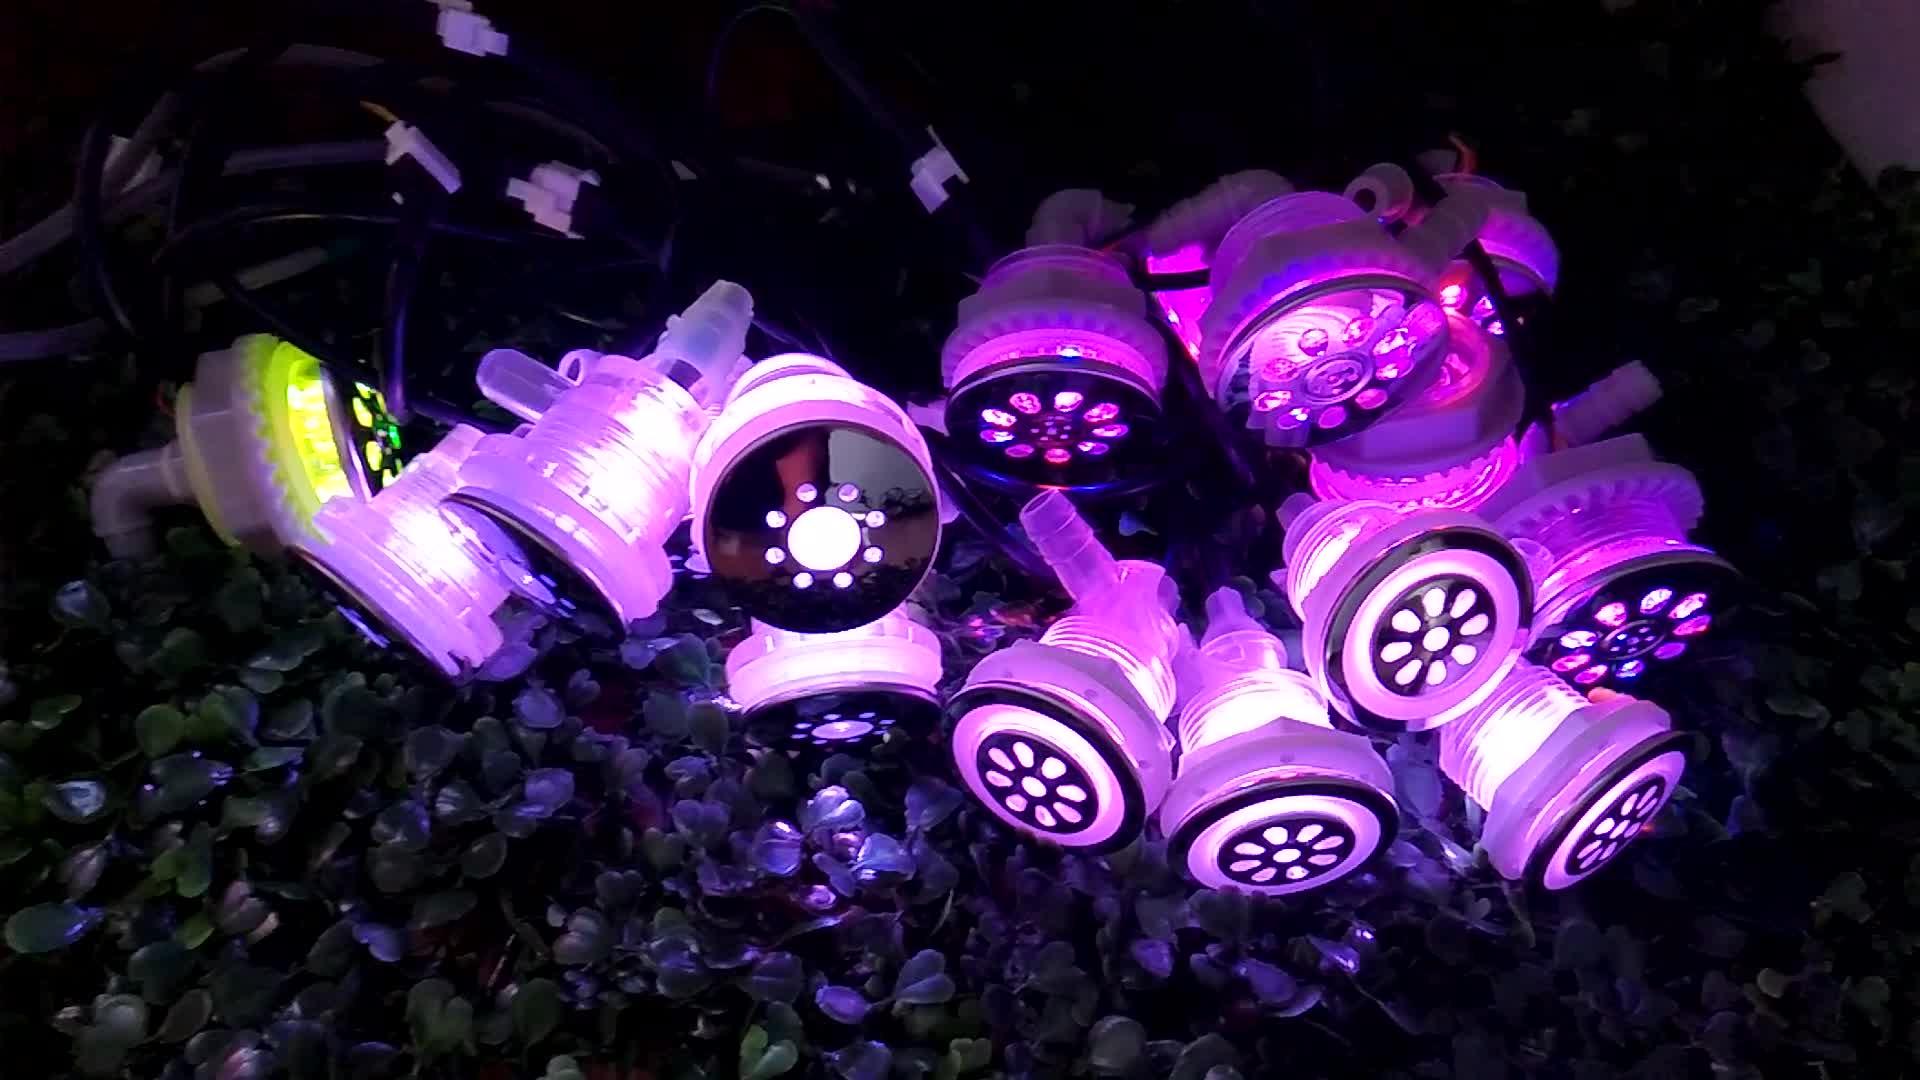 욕조 빛 2 인치 버블 노즐 rgb 수족관 월풀